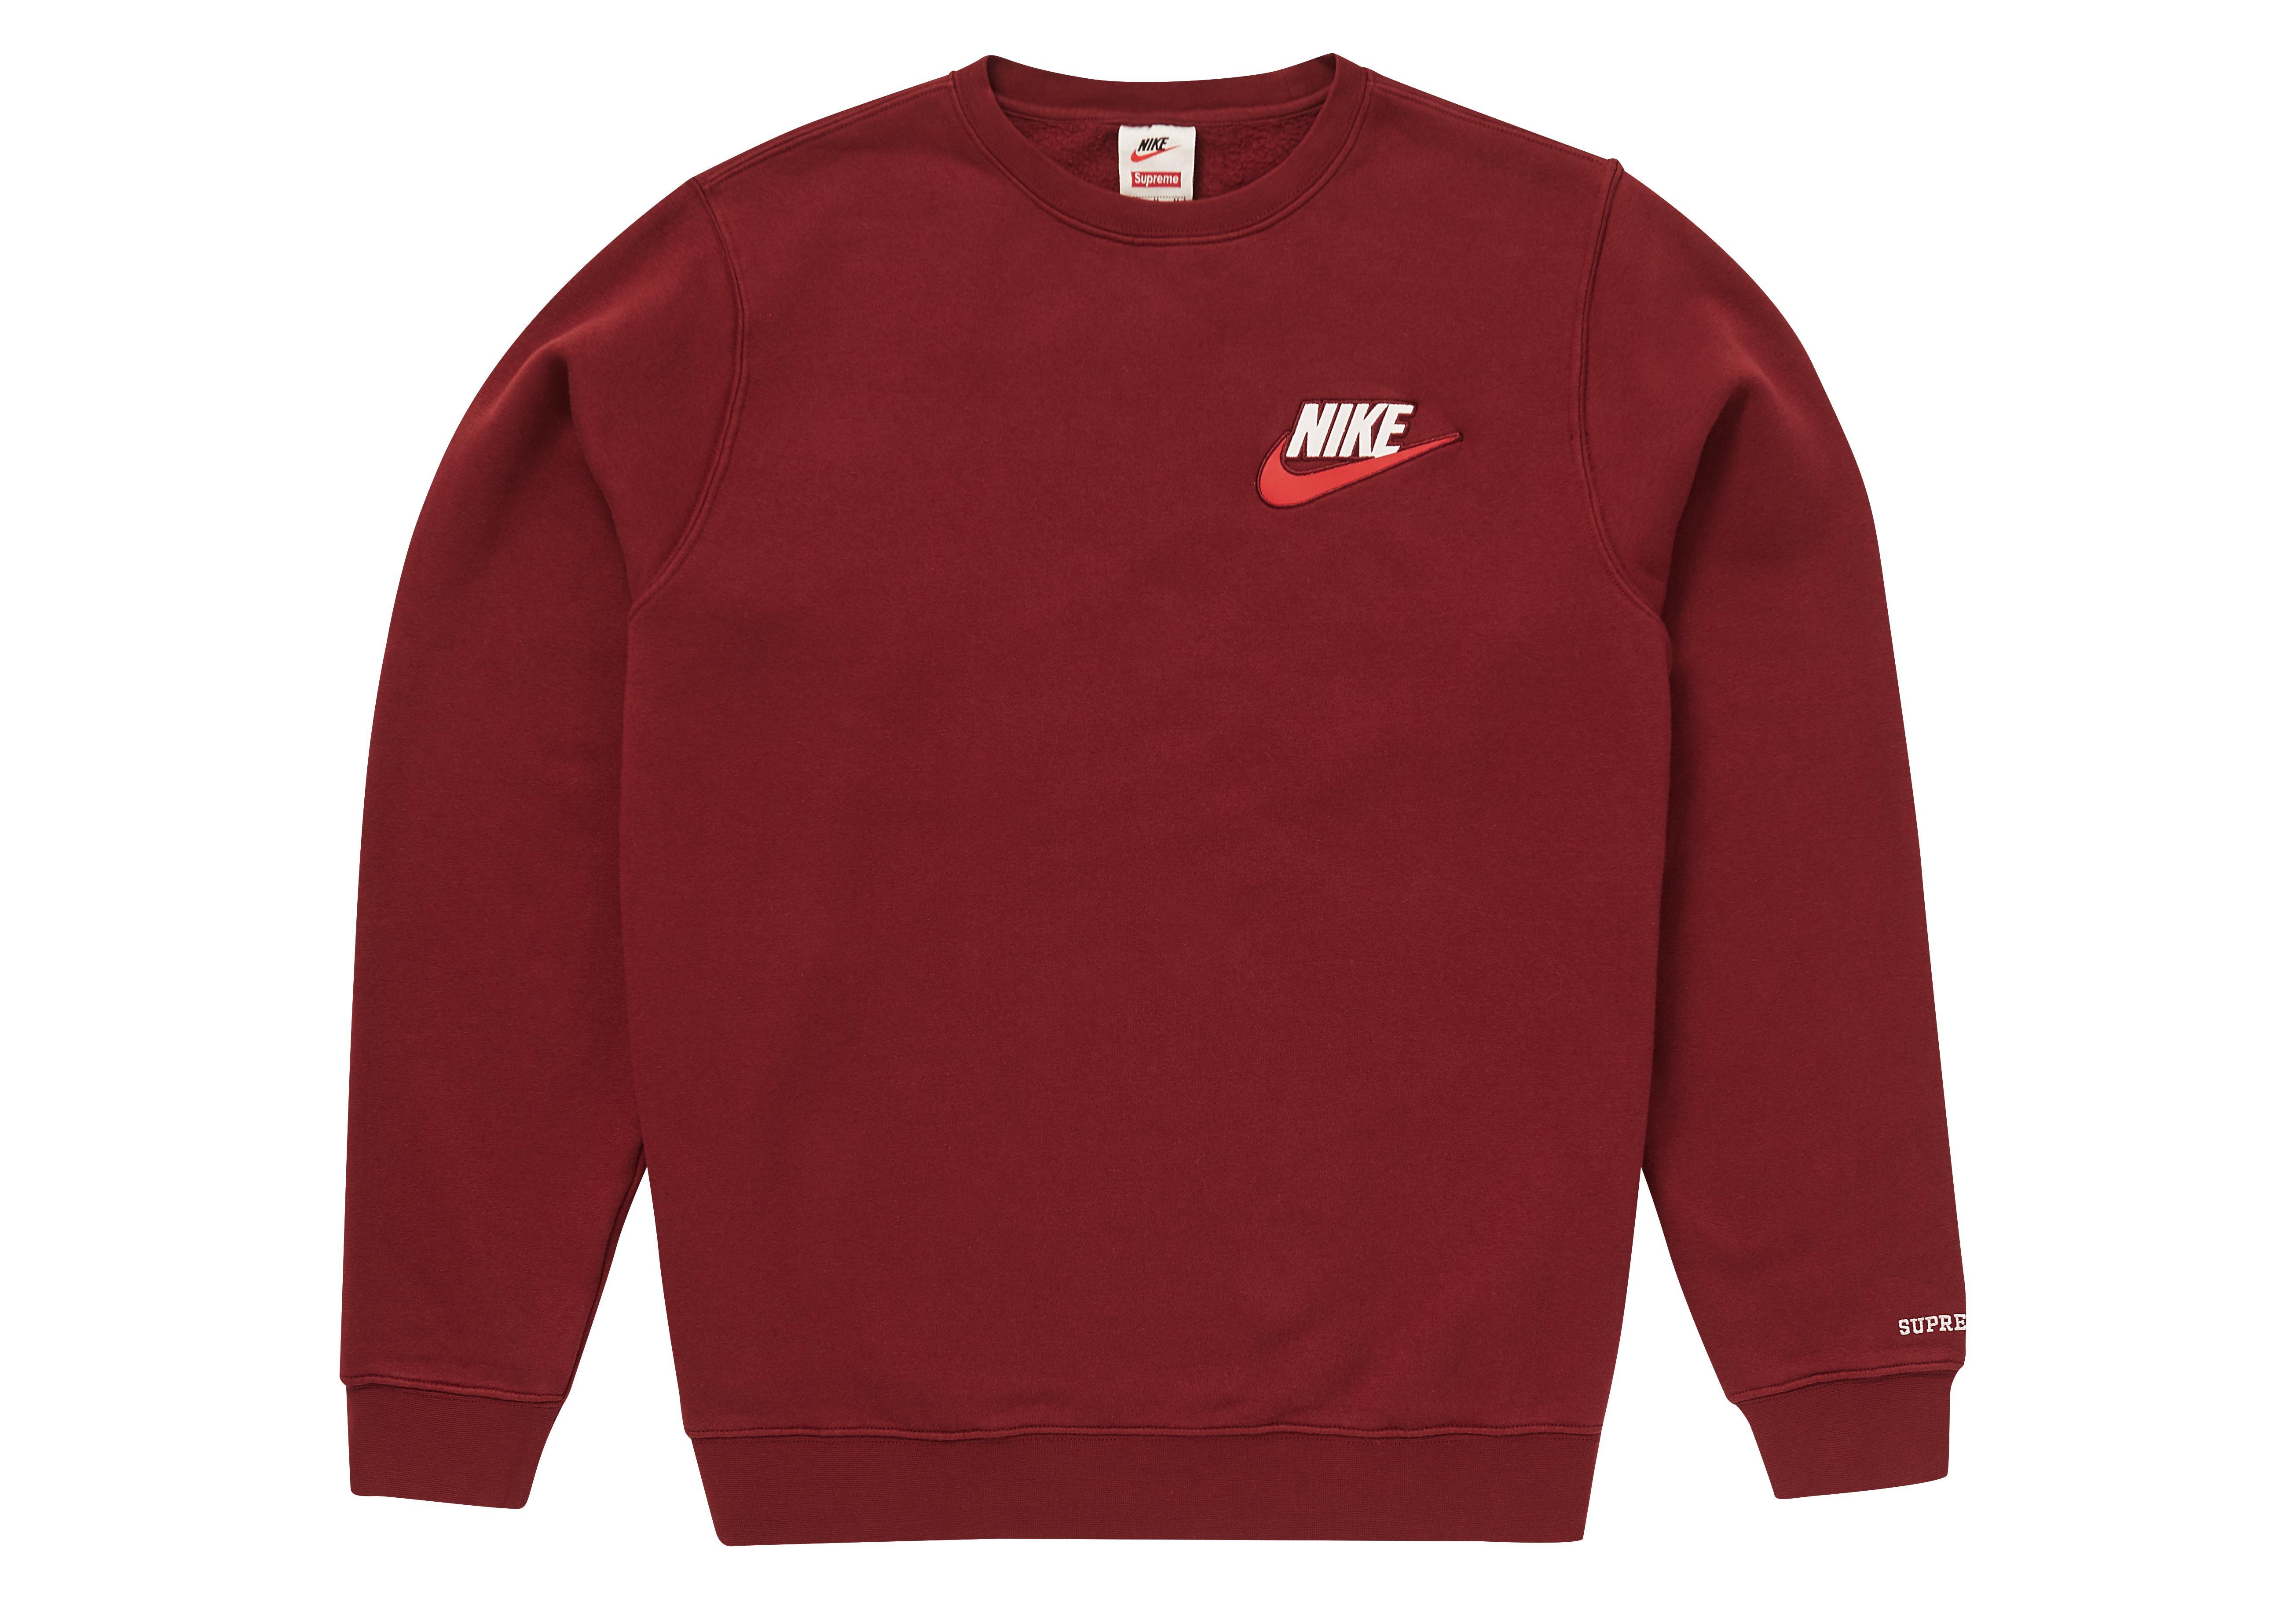 48190135 Supreme Red Nike Crewneck Burgundy for men. View fullscreen